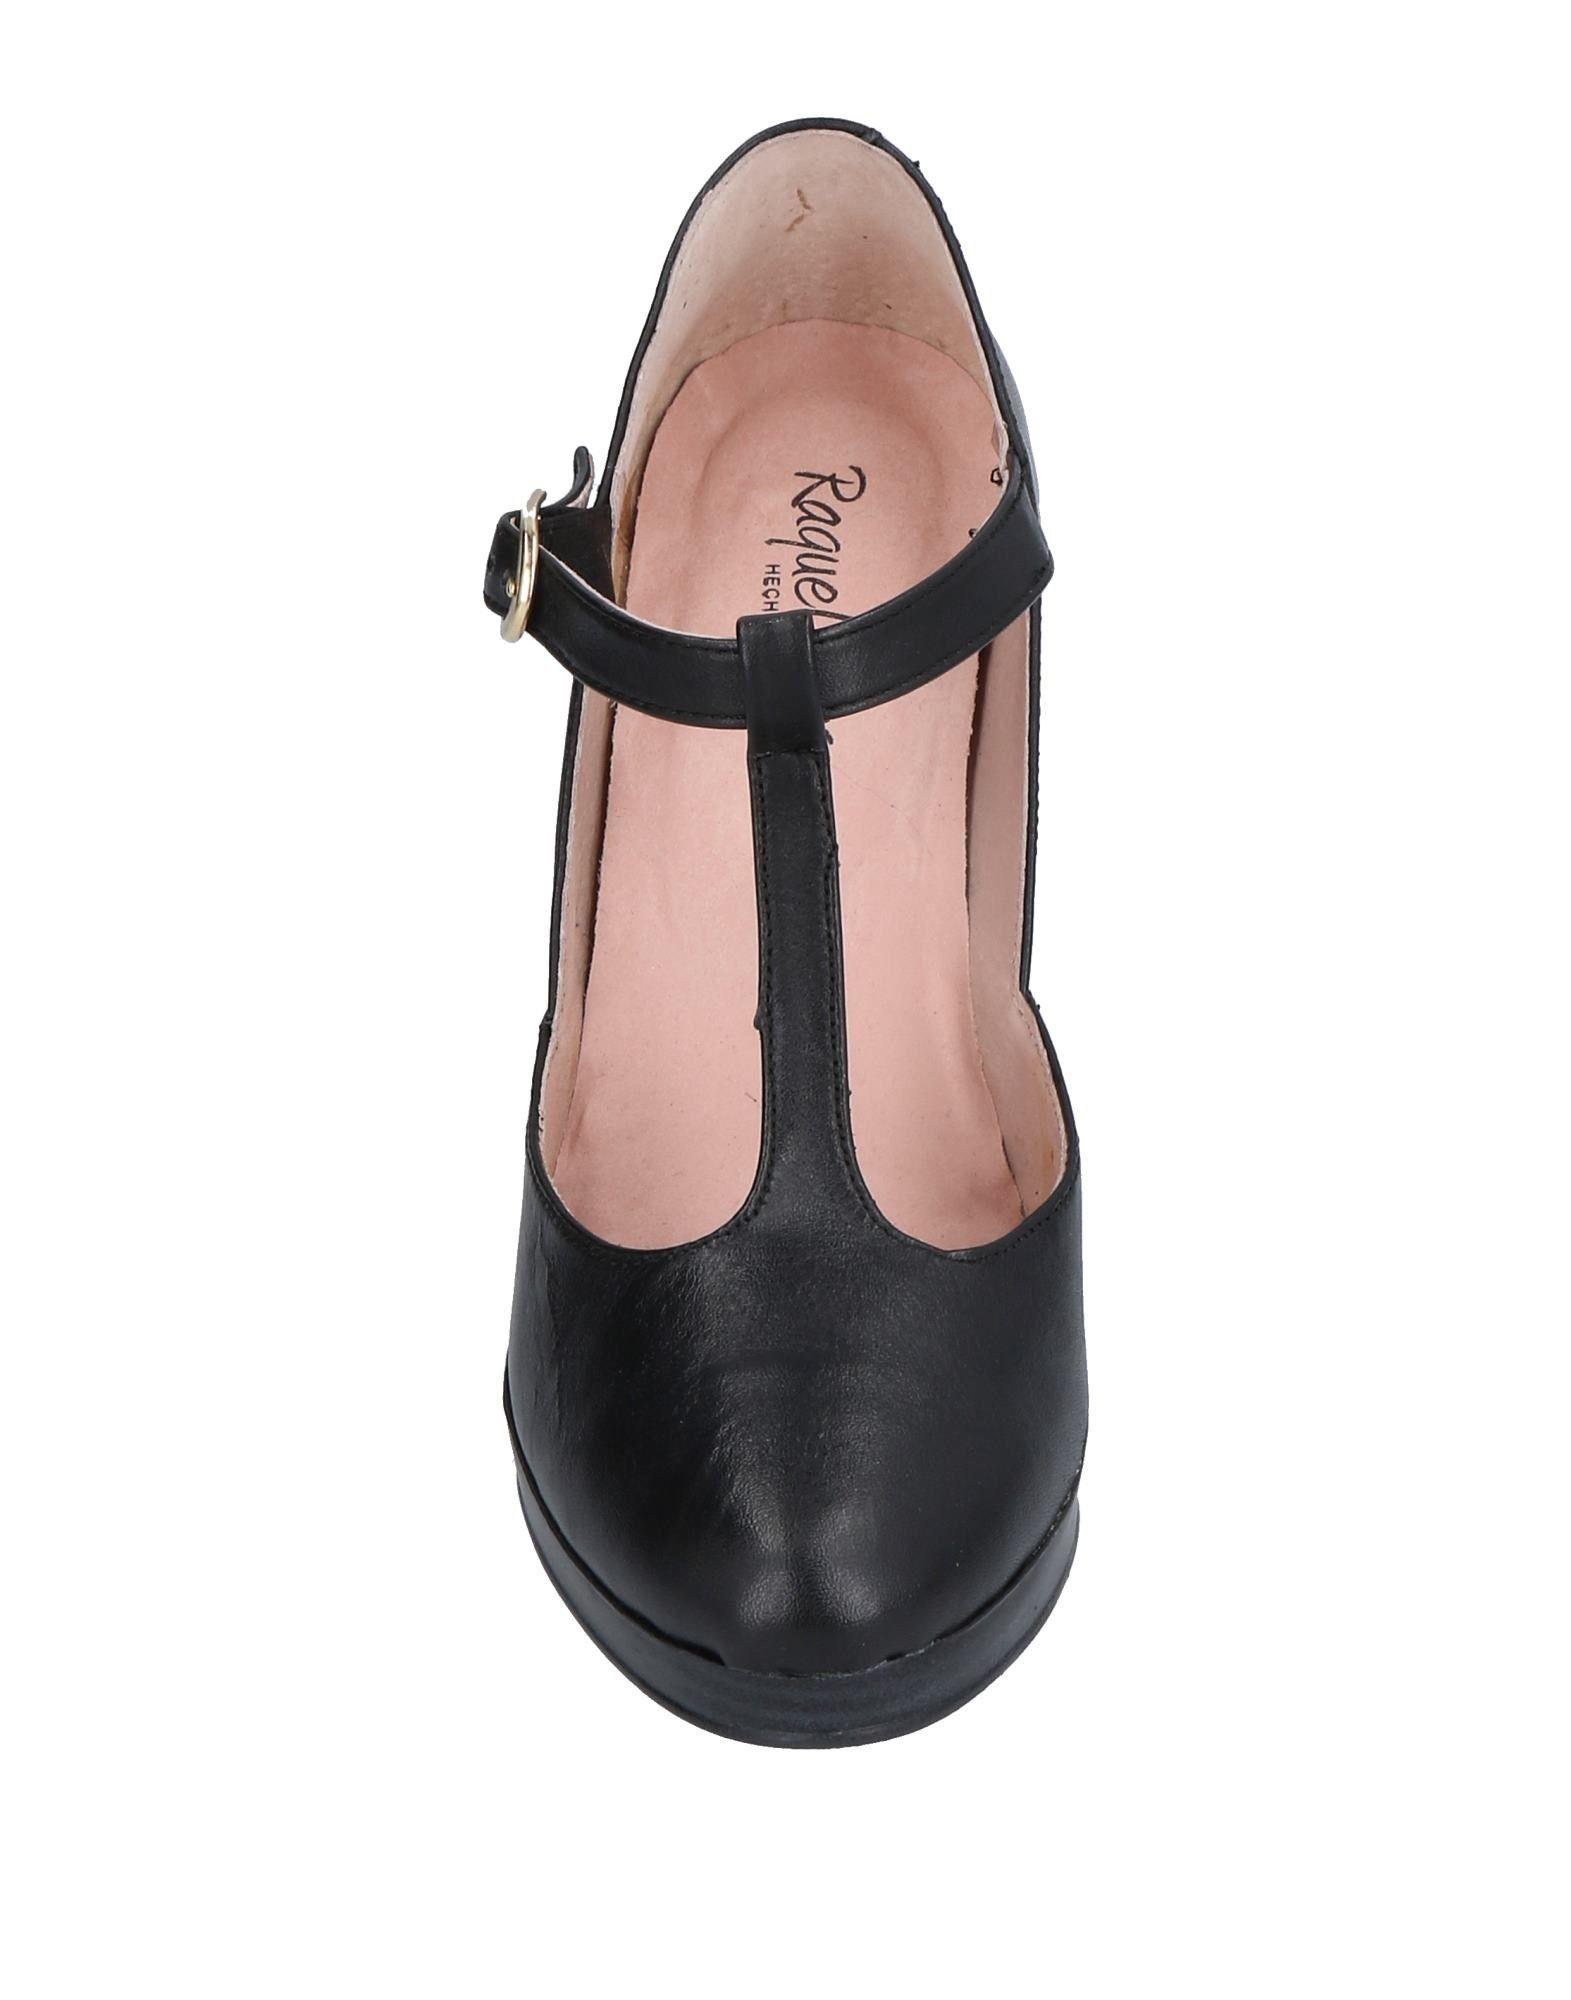 Raquel Perez® Pumps Damen  11503559WG Gute Gute Gute Qualität beliebte Schuhe 9cd613